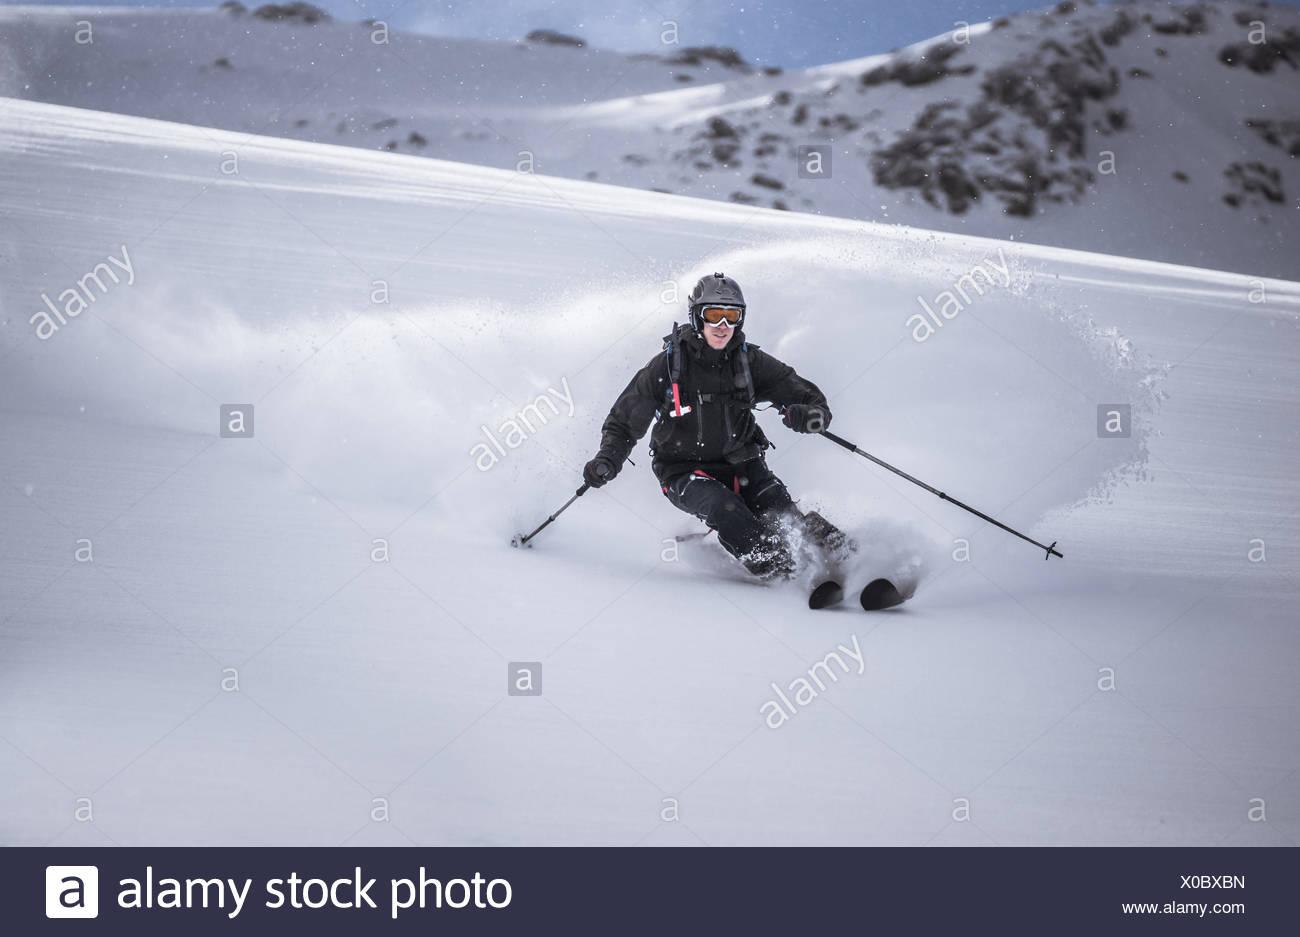 Austria, vista frontale del free ride sciatore lo sci di discesa Immagini Stock